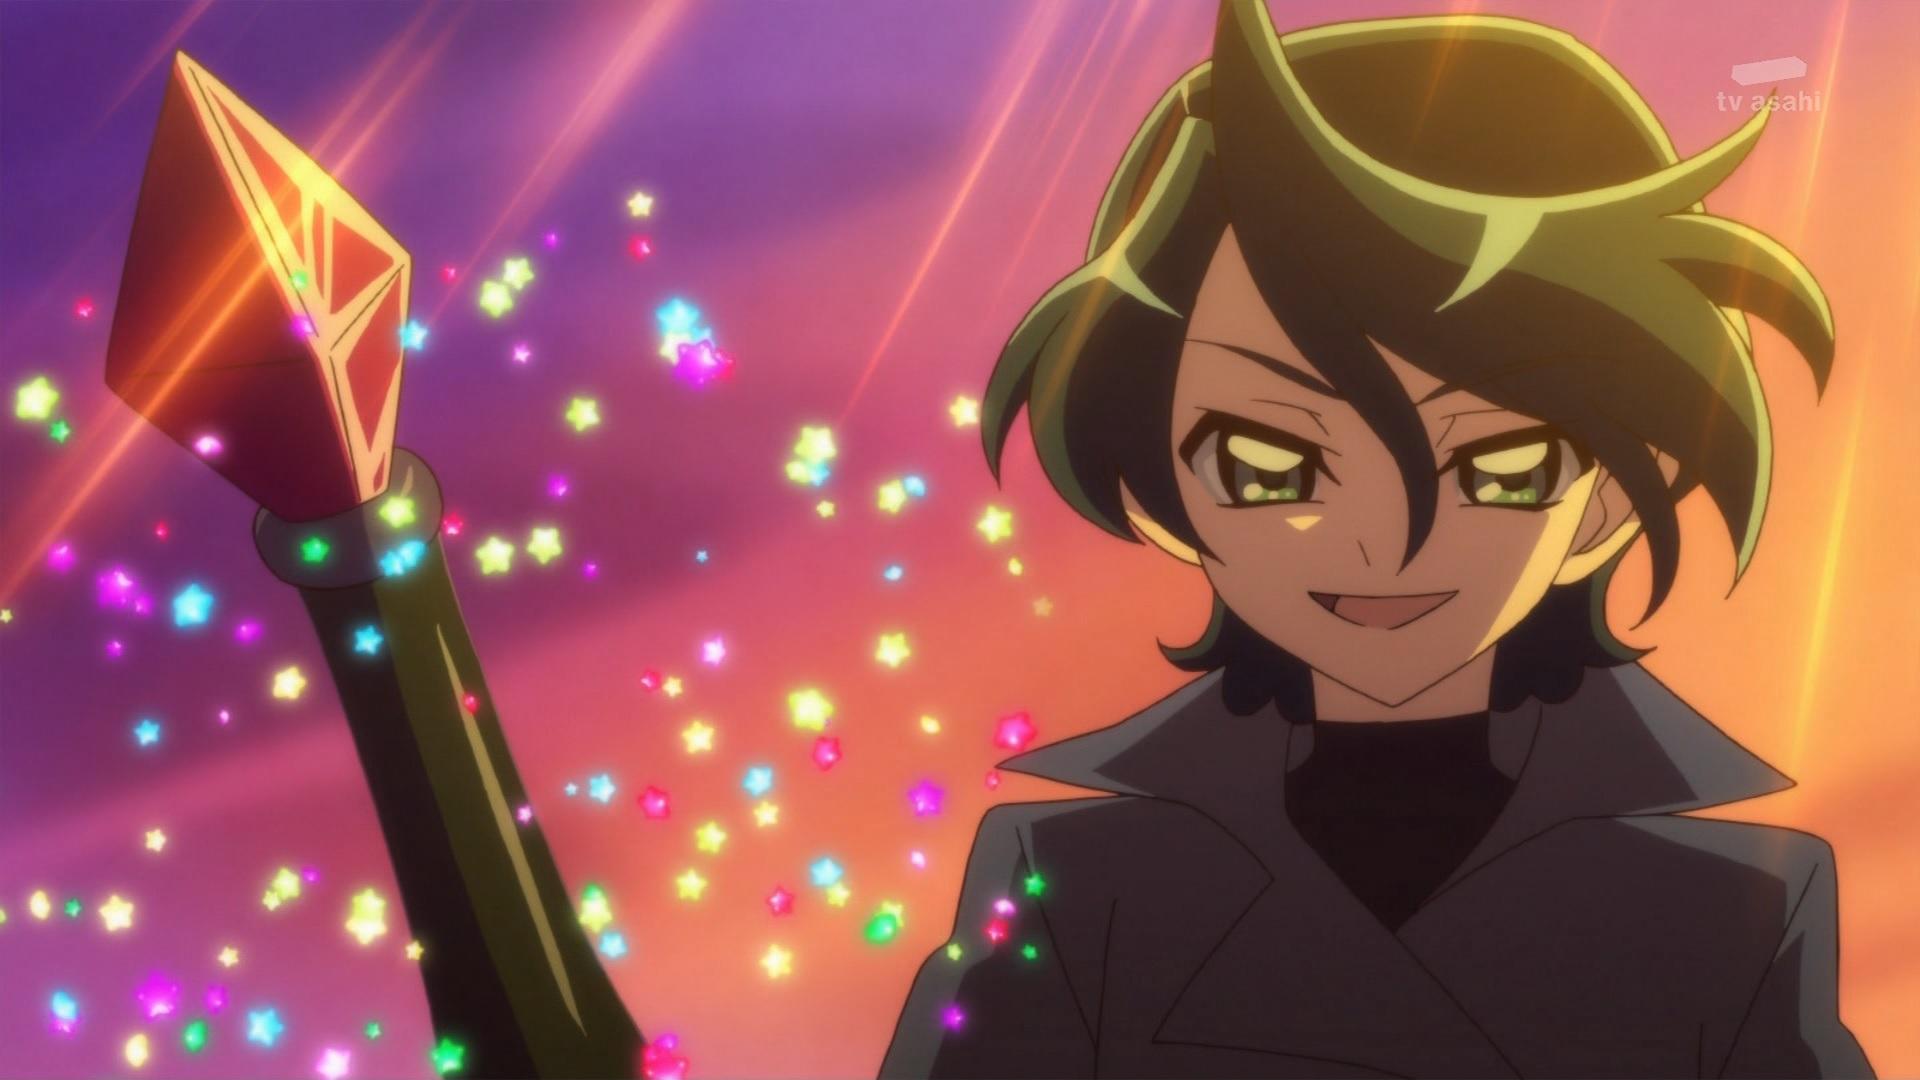 黒樹リオ(キラキラプリキュアアラモード12話画像)